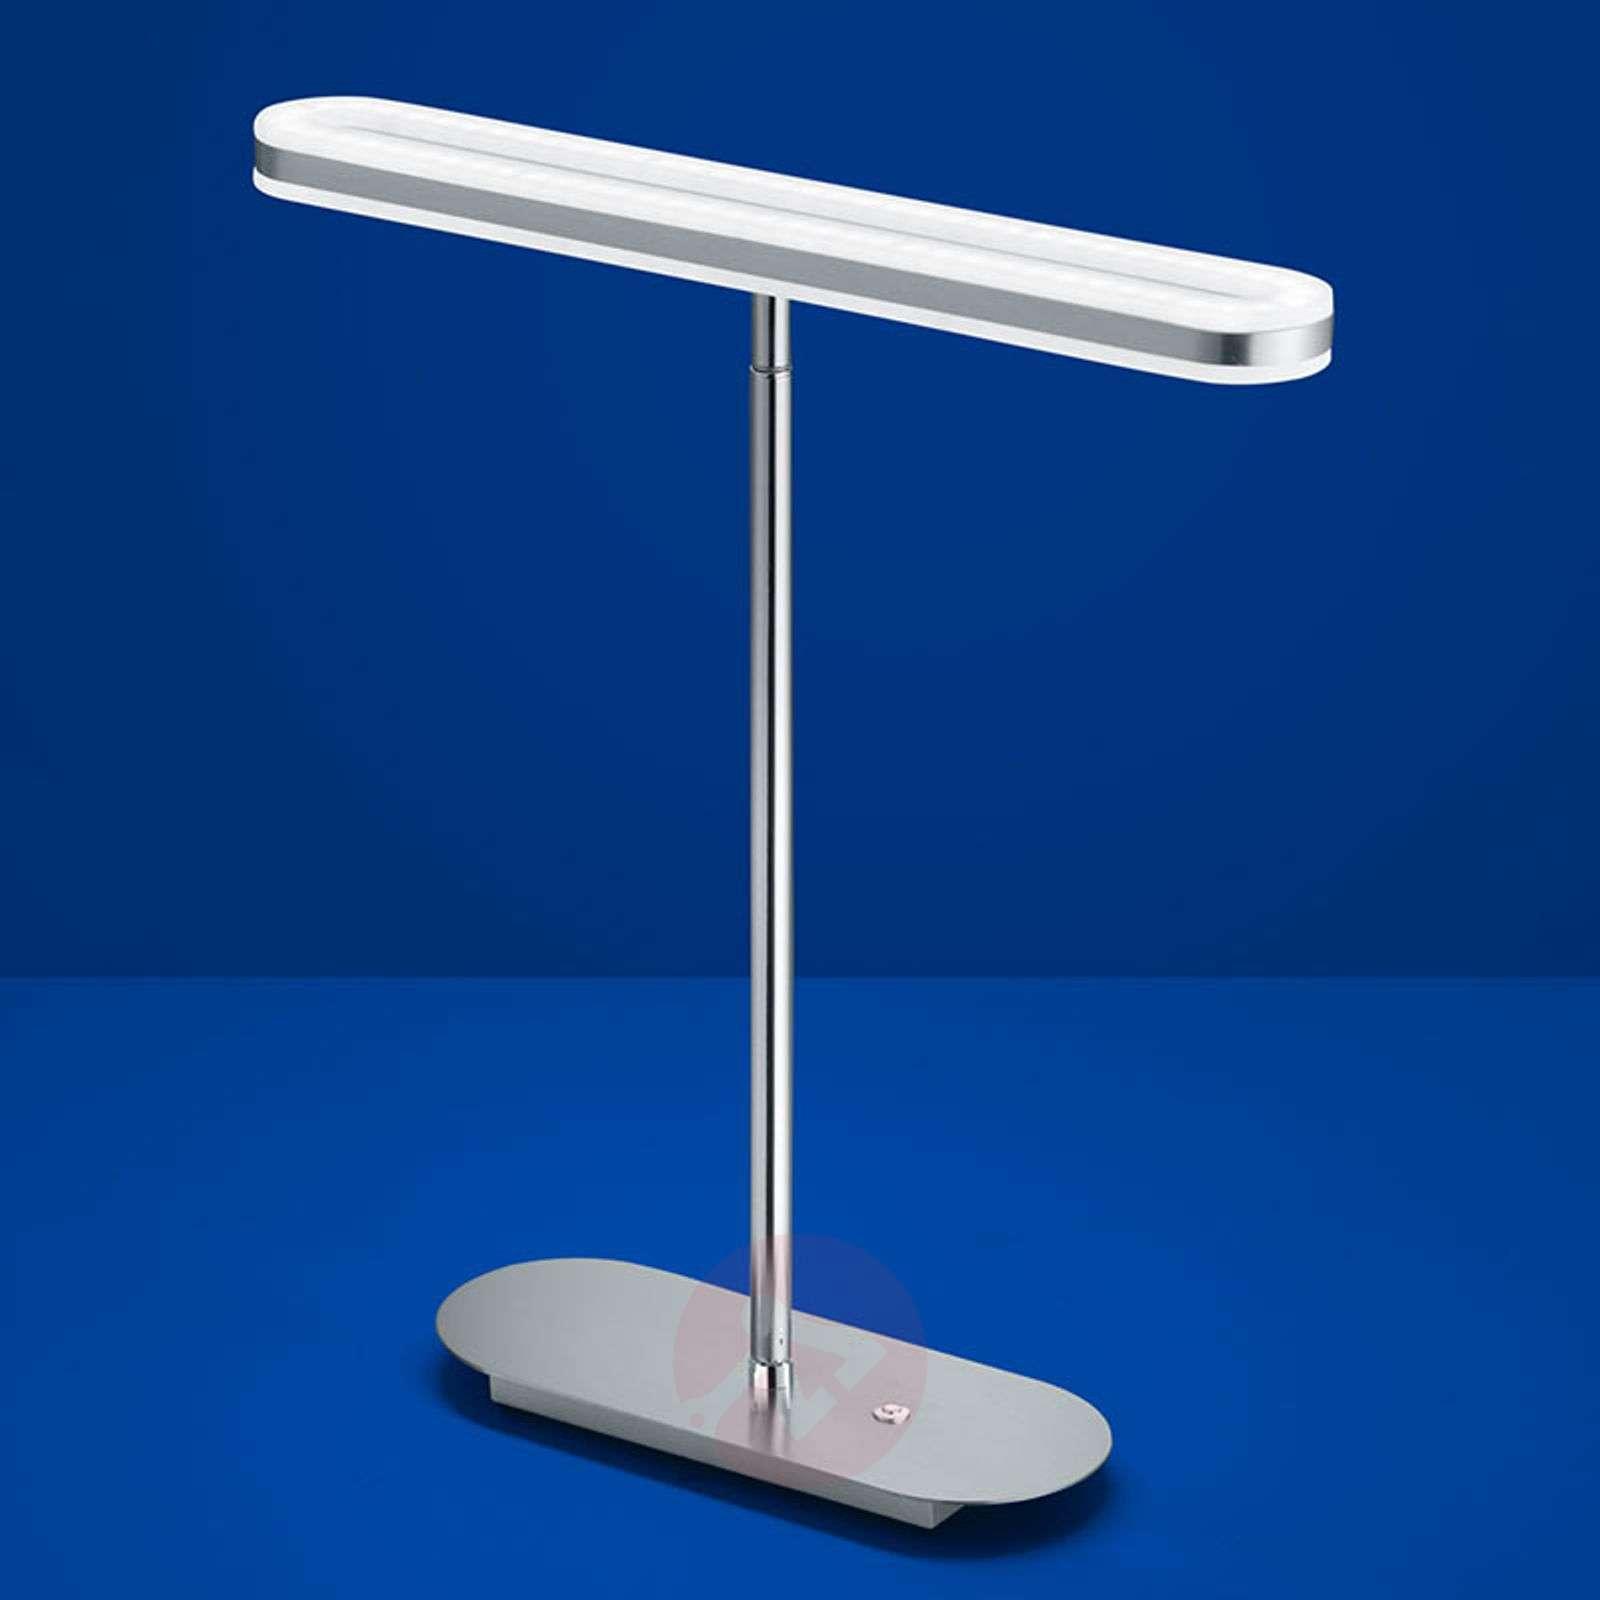 Joustava LED-pöytälamppu Ontario himmennystoim.-1554063-01